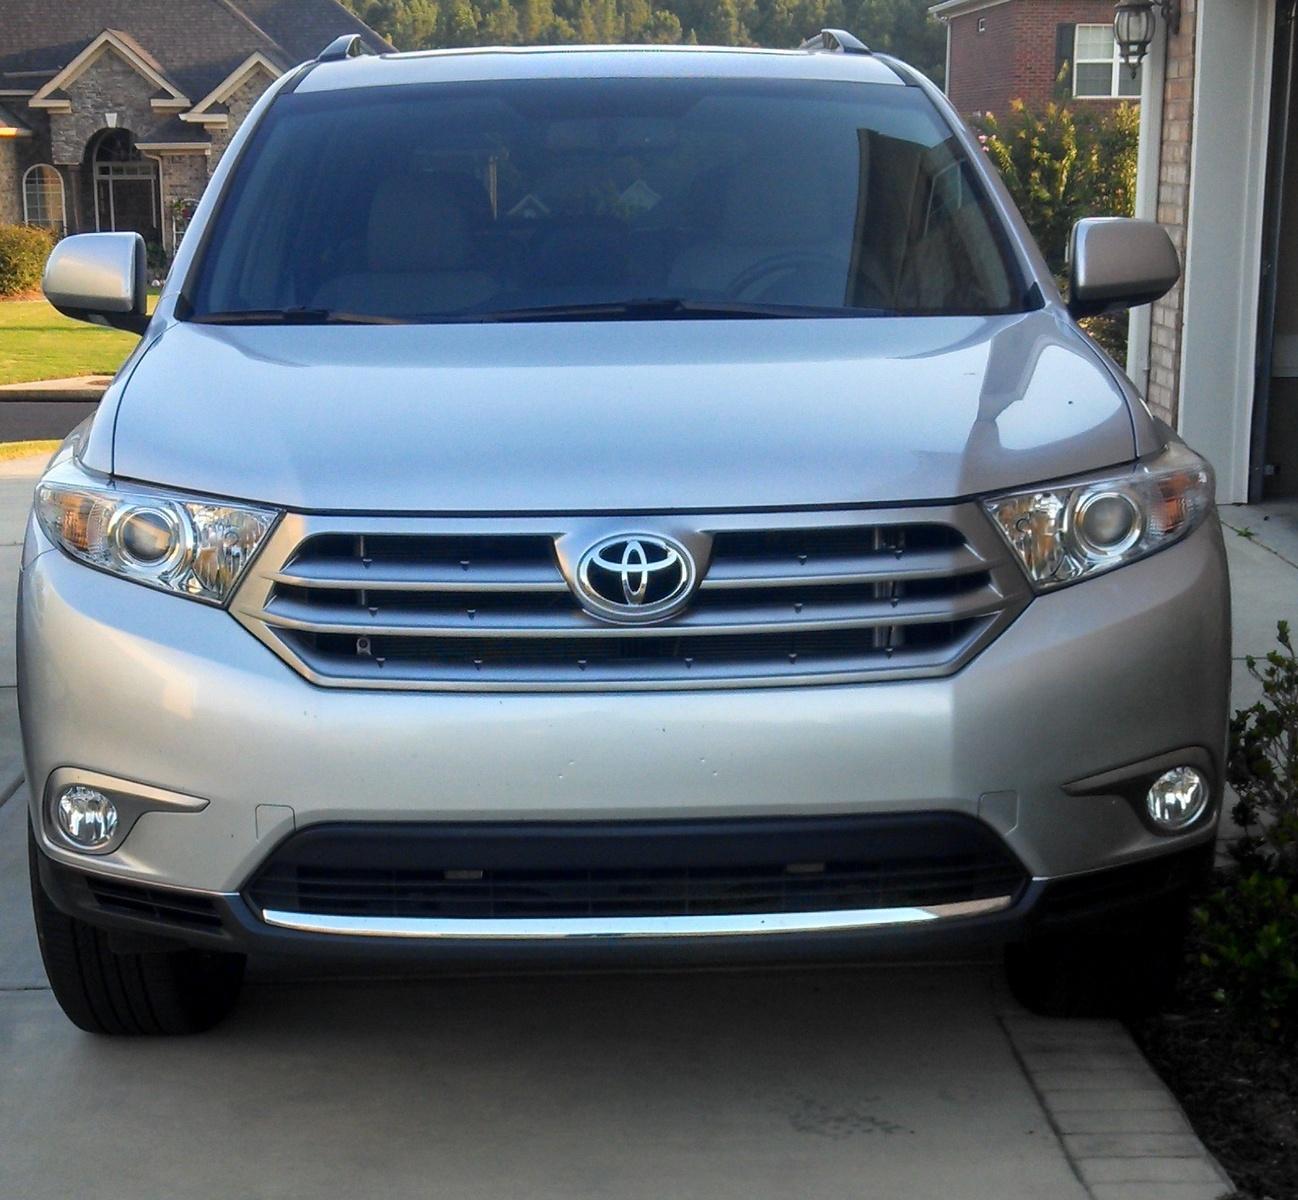 Pictures Of Toyota Highlander: 2013 Toyota Highlander